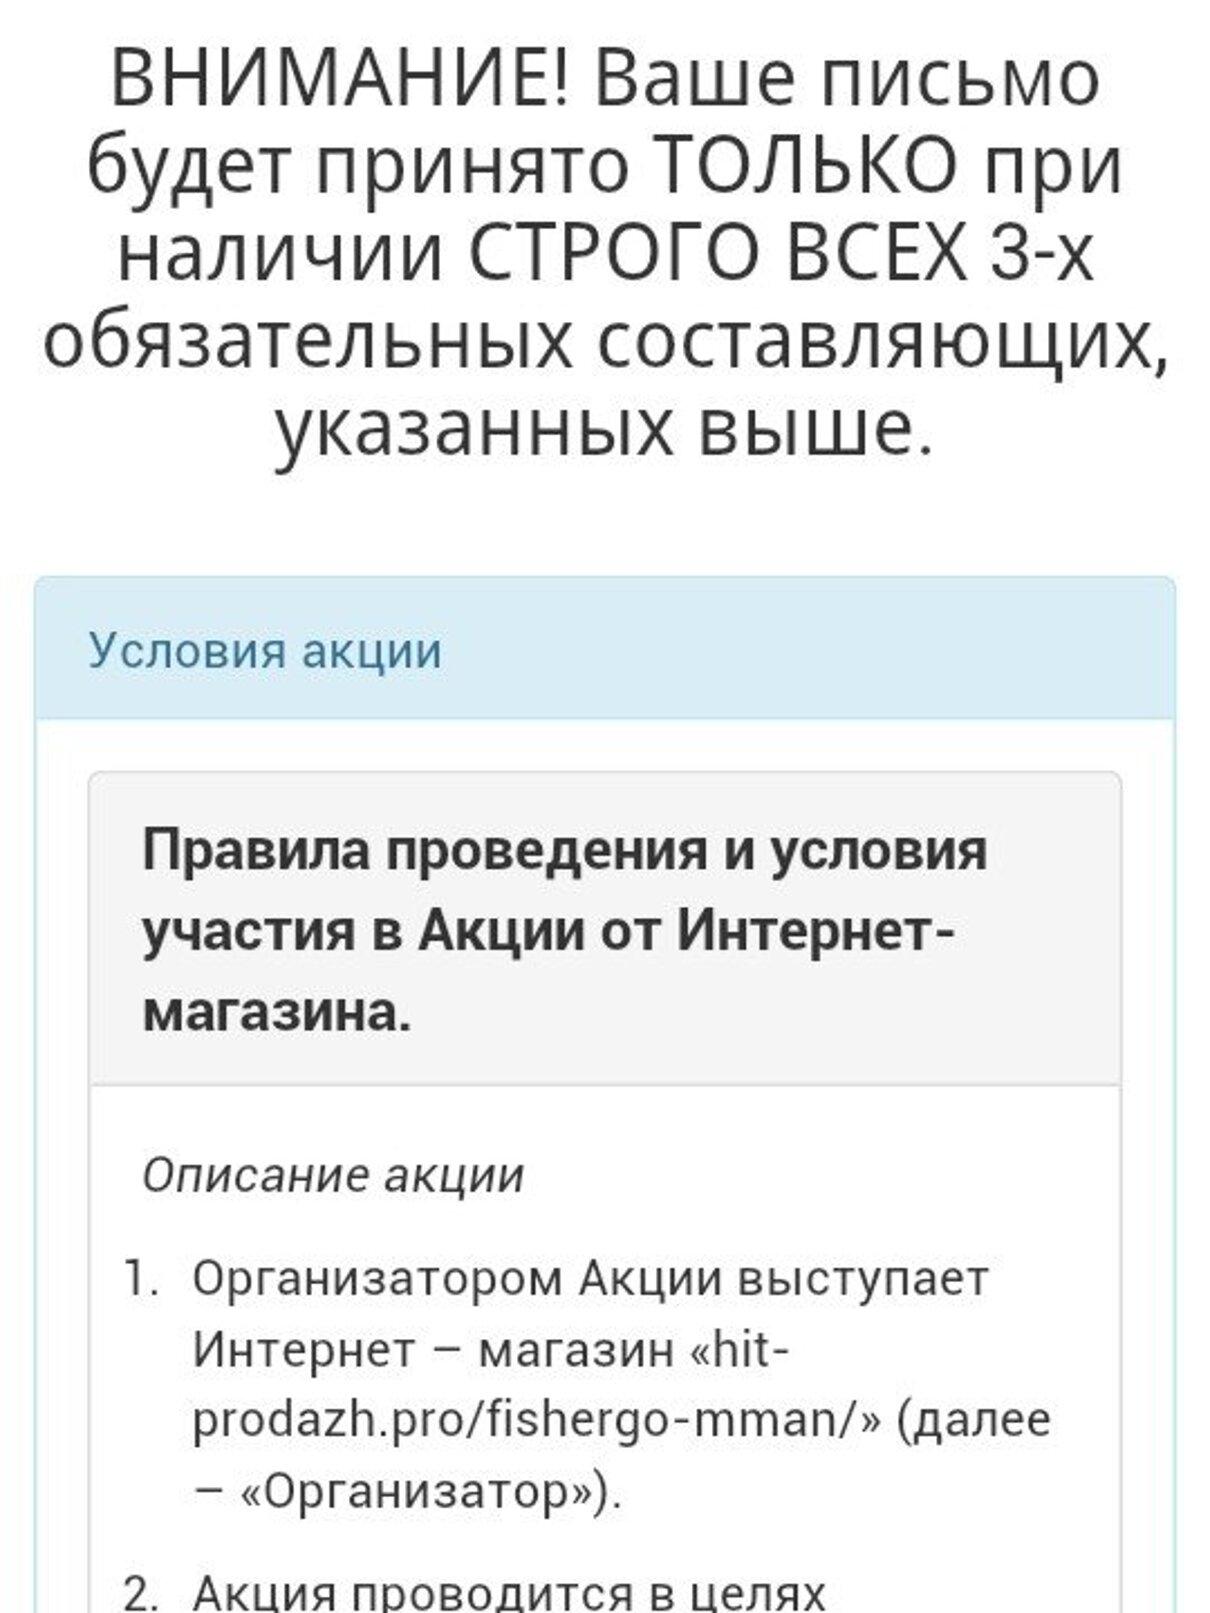 """Жалоба-отзыв: ООО""""ПИМ(Почте)"""" - Обман.  Фото №2"""